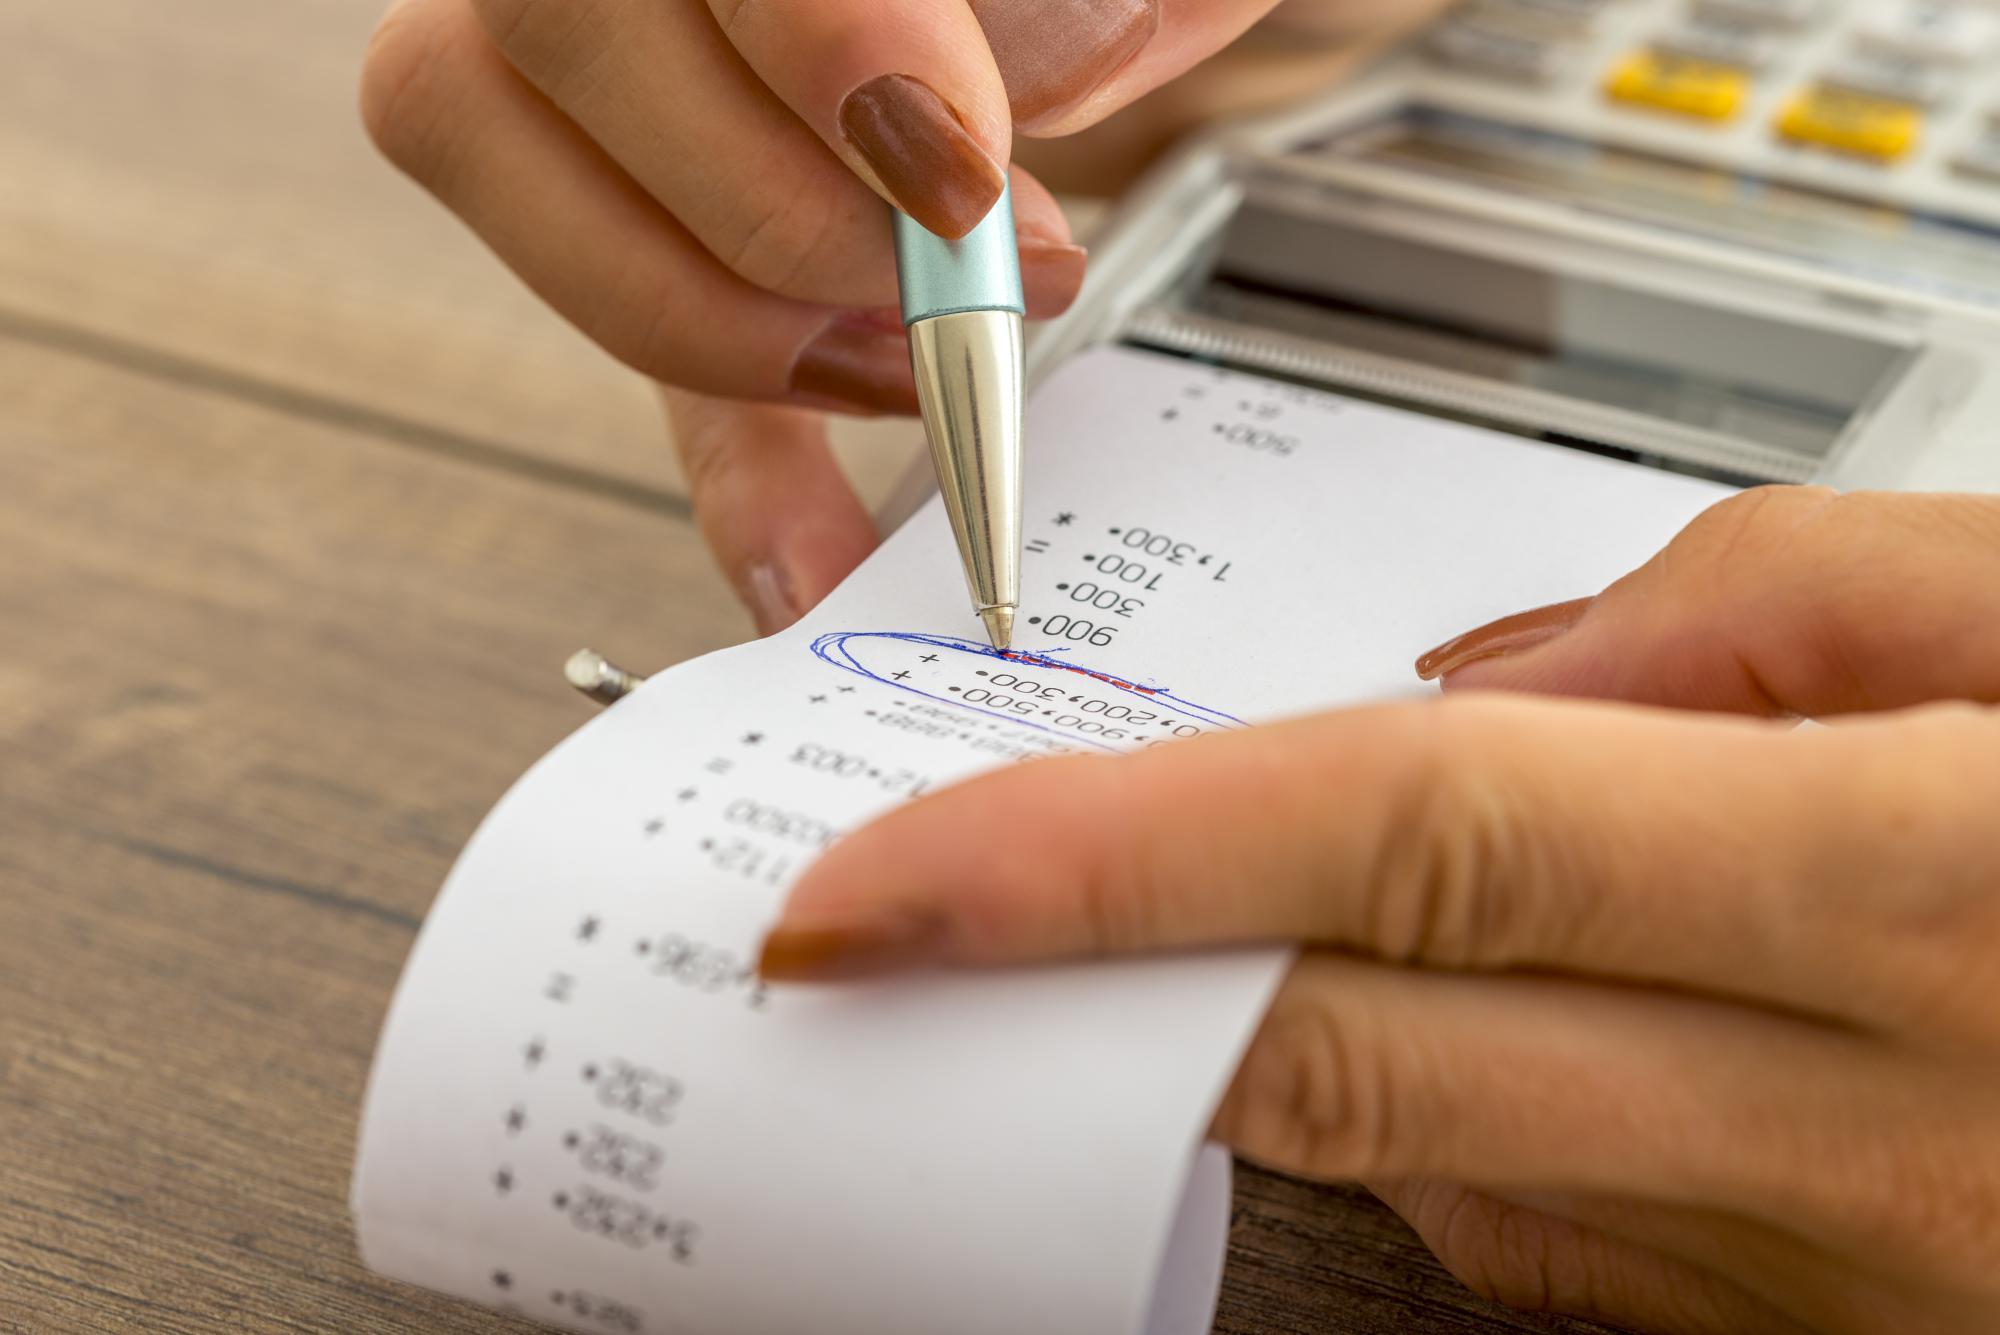 Кассовый чек можно заменить бланком строгой отчетности